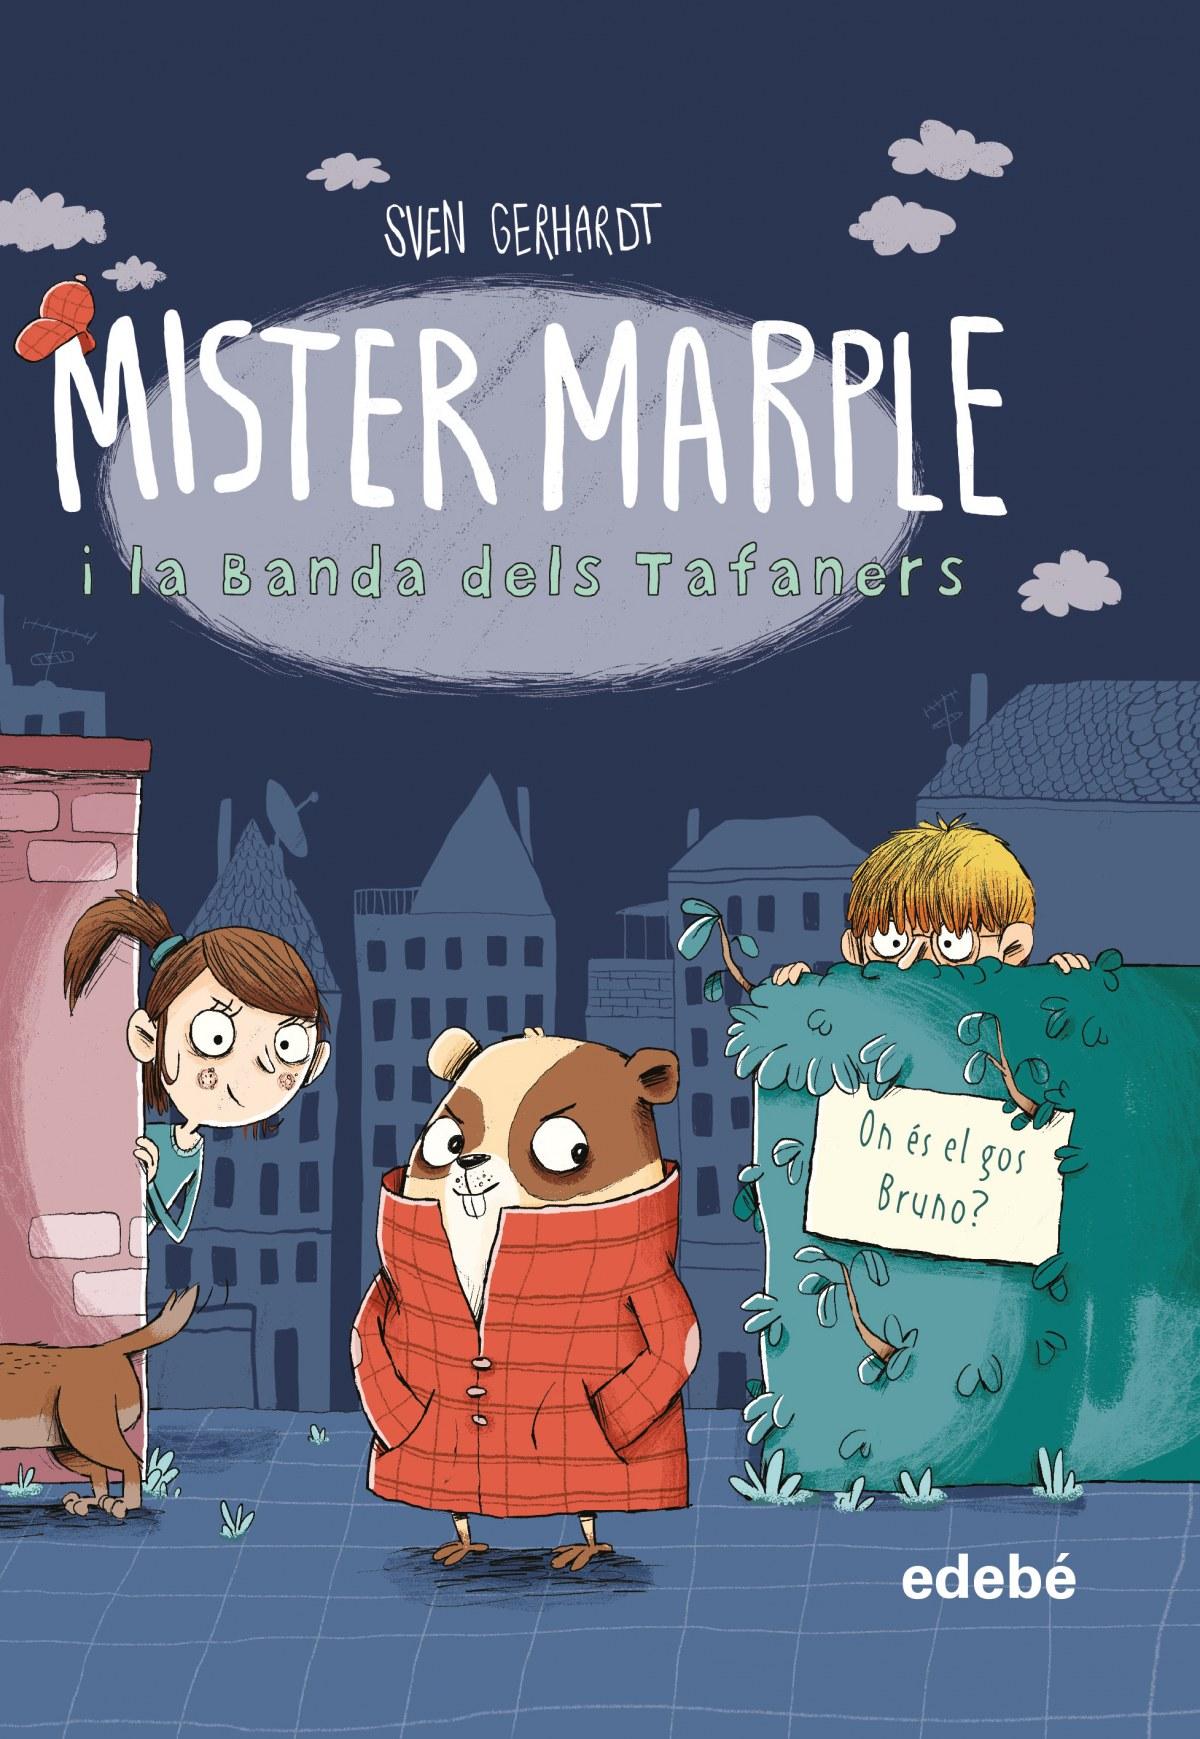 Mister Marple i la Banda dels Tafaners 1: On és el gos Bruno